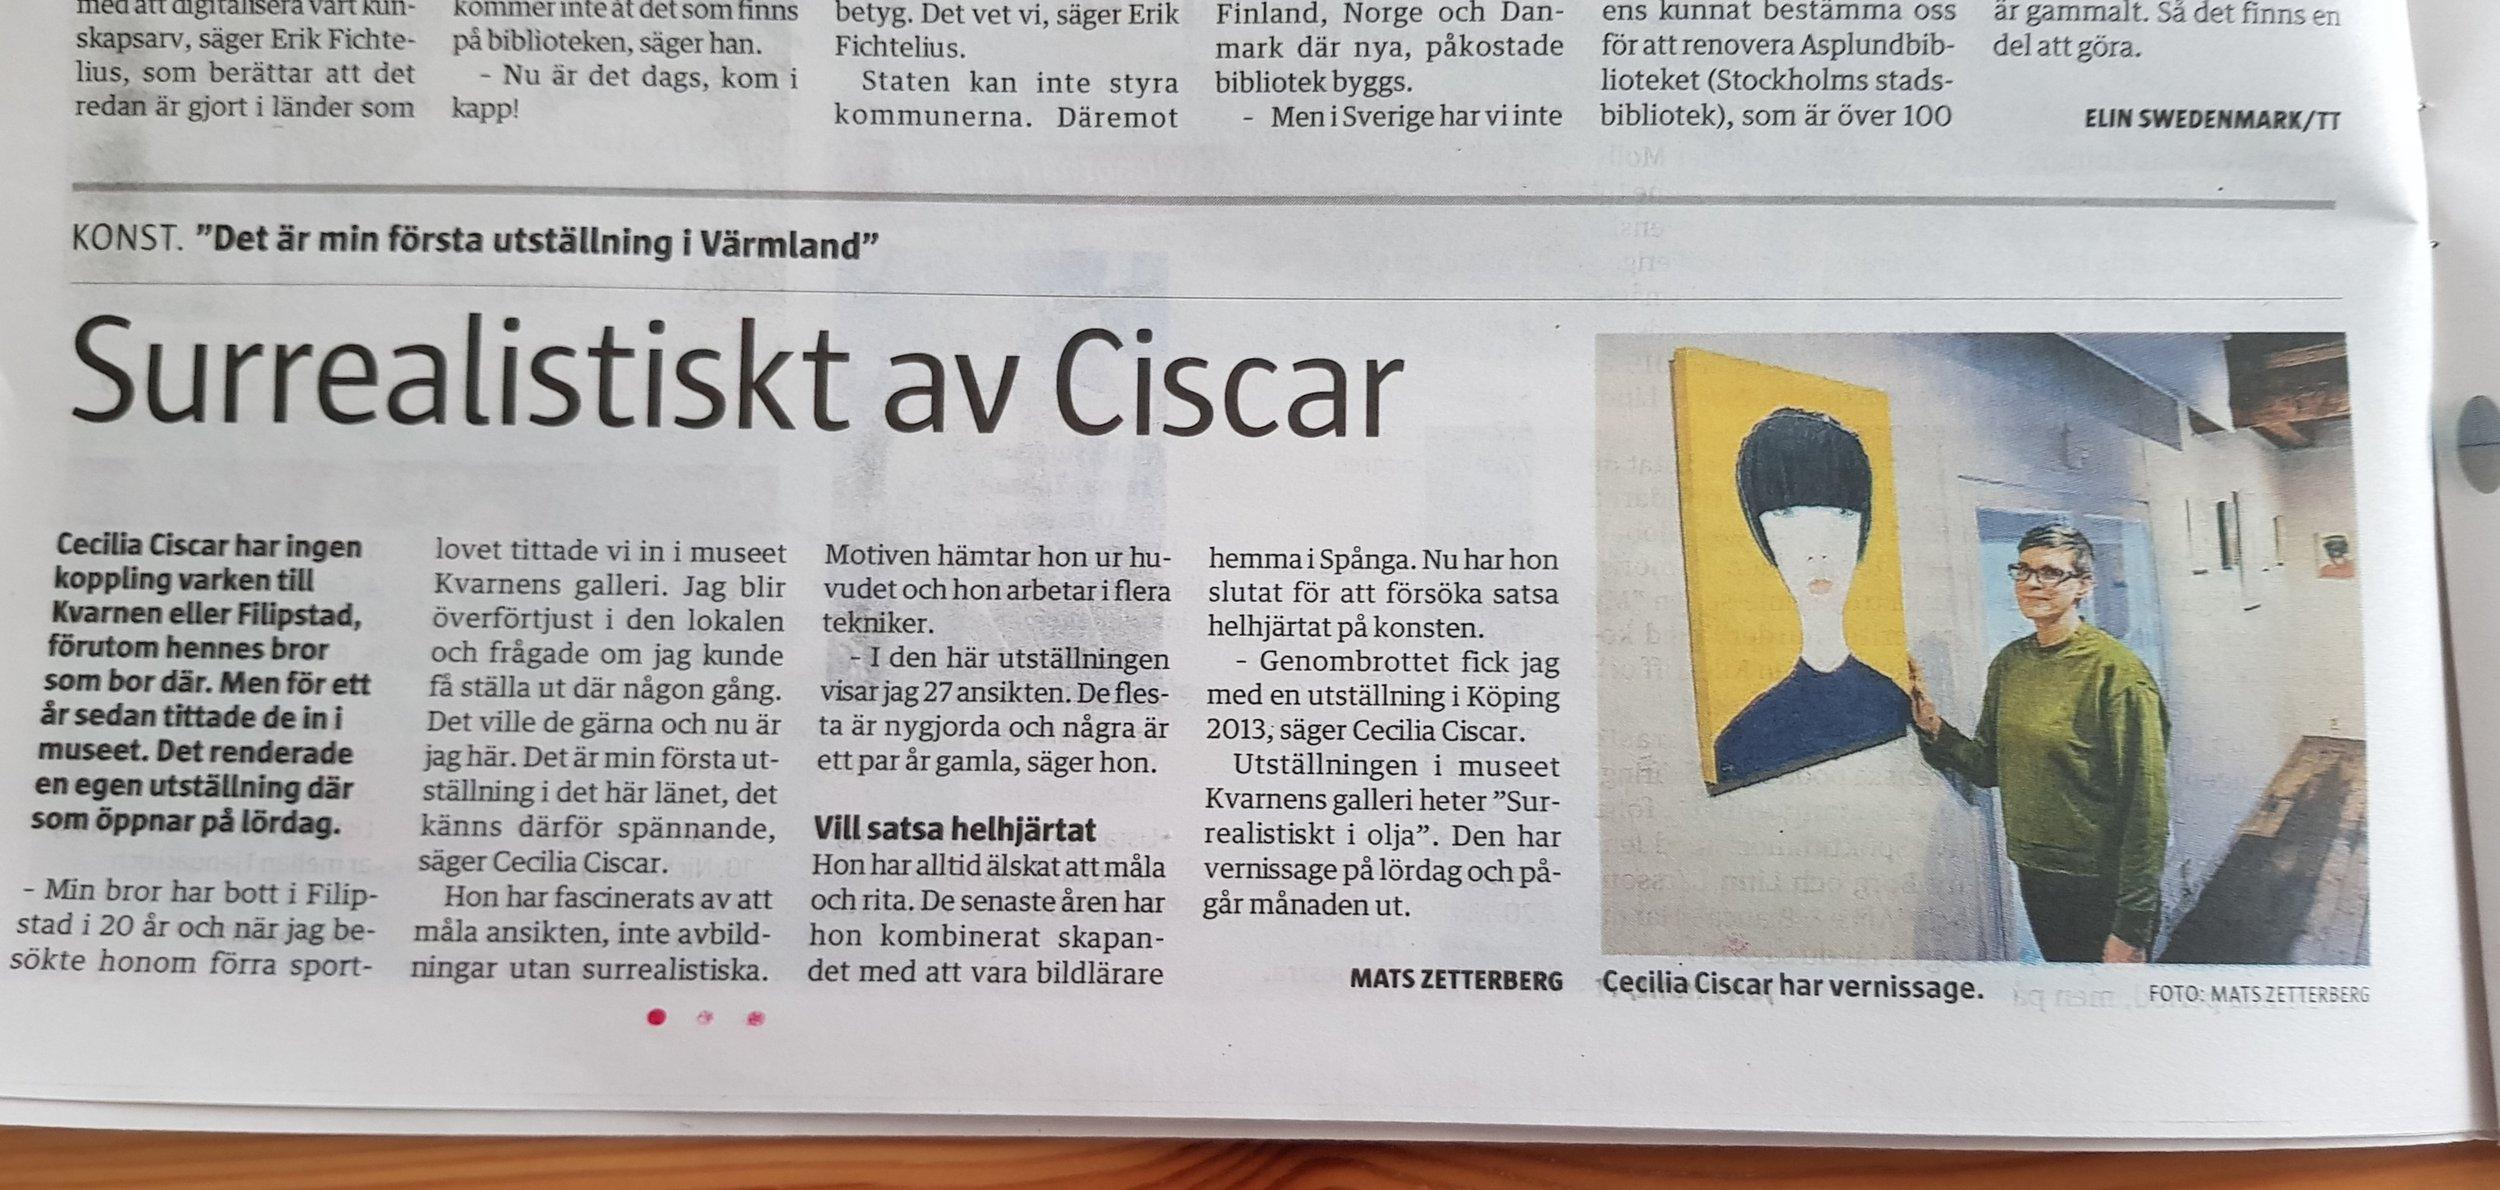 Värmlands Folkblad 8 mars 2019